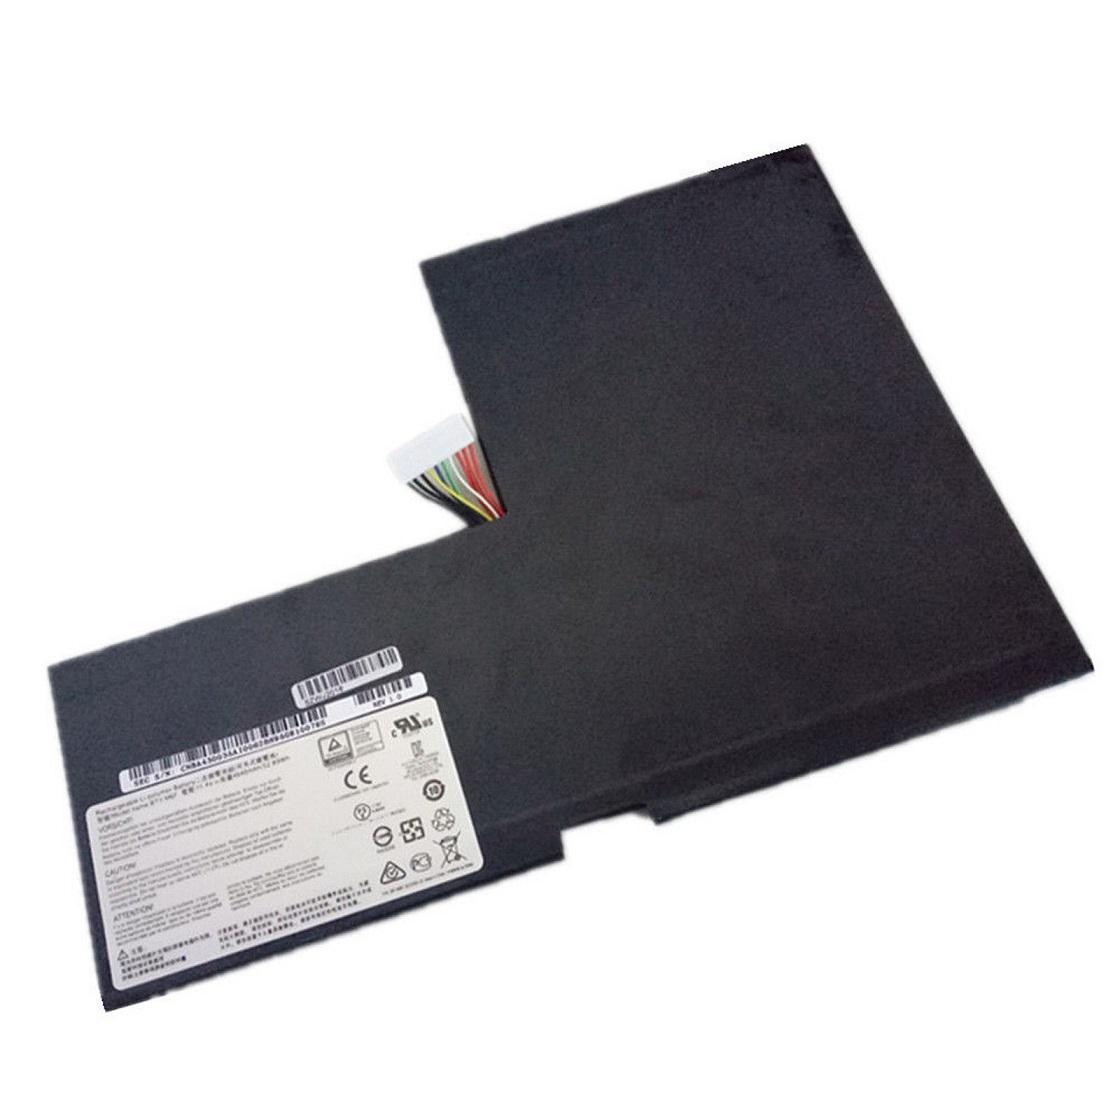 Akku für BTY-M6F MSI GS60 MS-16H2 2PL 6QE 2QE 6QC 6QC-257XCN(Ersatz)